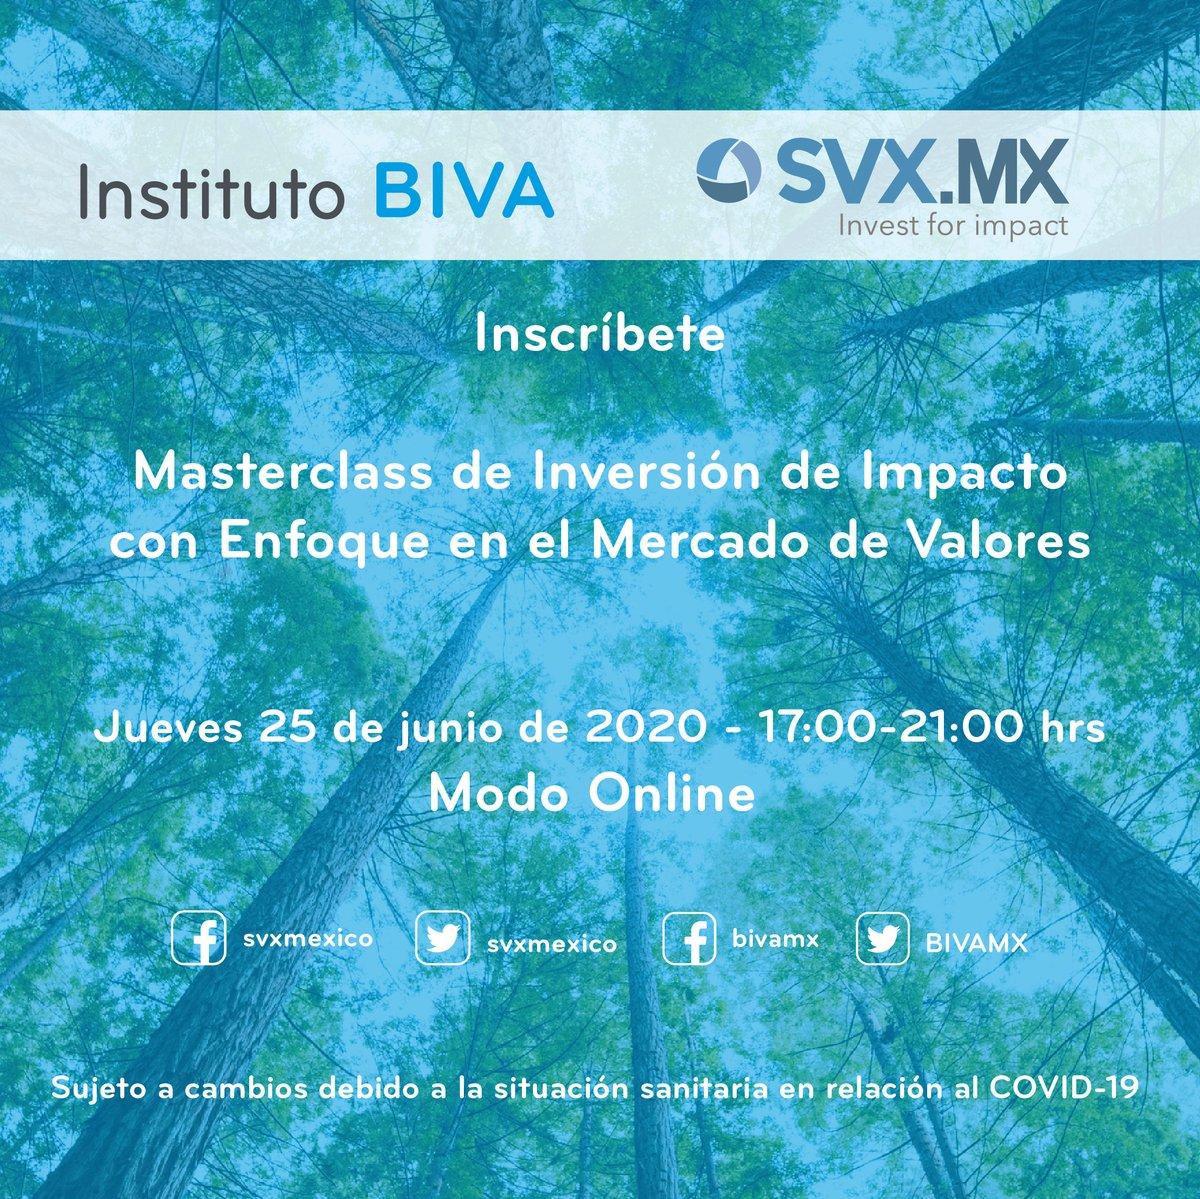 El próximo 25 de junio se llevará a cabo la «Masterclass de inversión de Impacto con enfoque en el Mercado de Valores», que realizan en conjunto @svxmexico y el #InstitutoBIVA. No te la pierdas y regístrate en: svxmx.boletify.com/es/MCInvImp